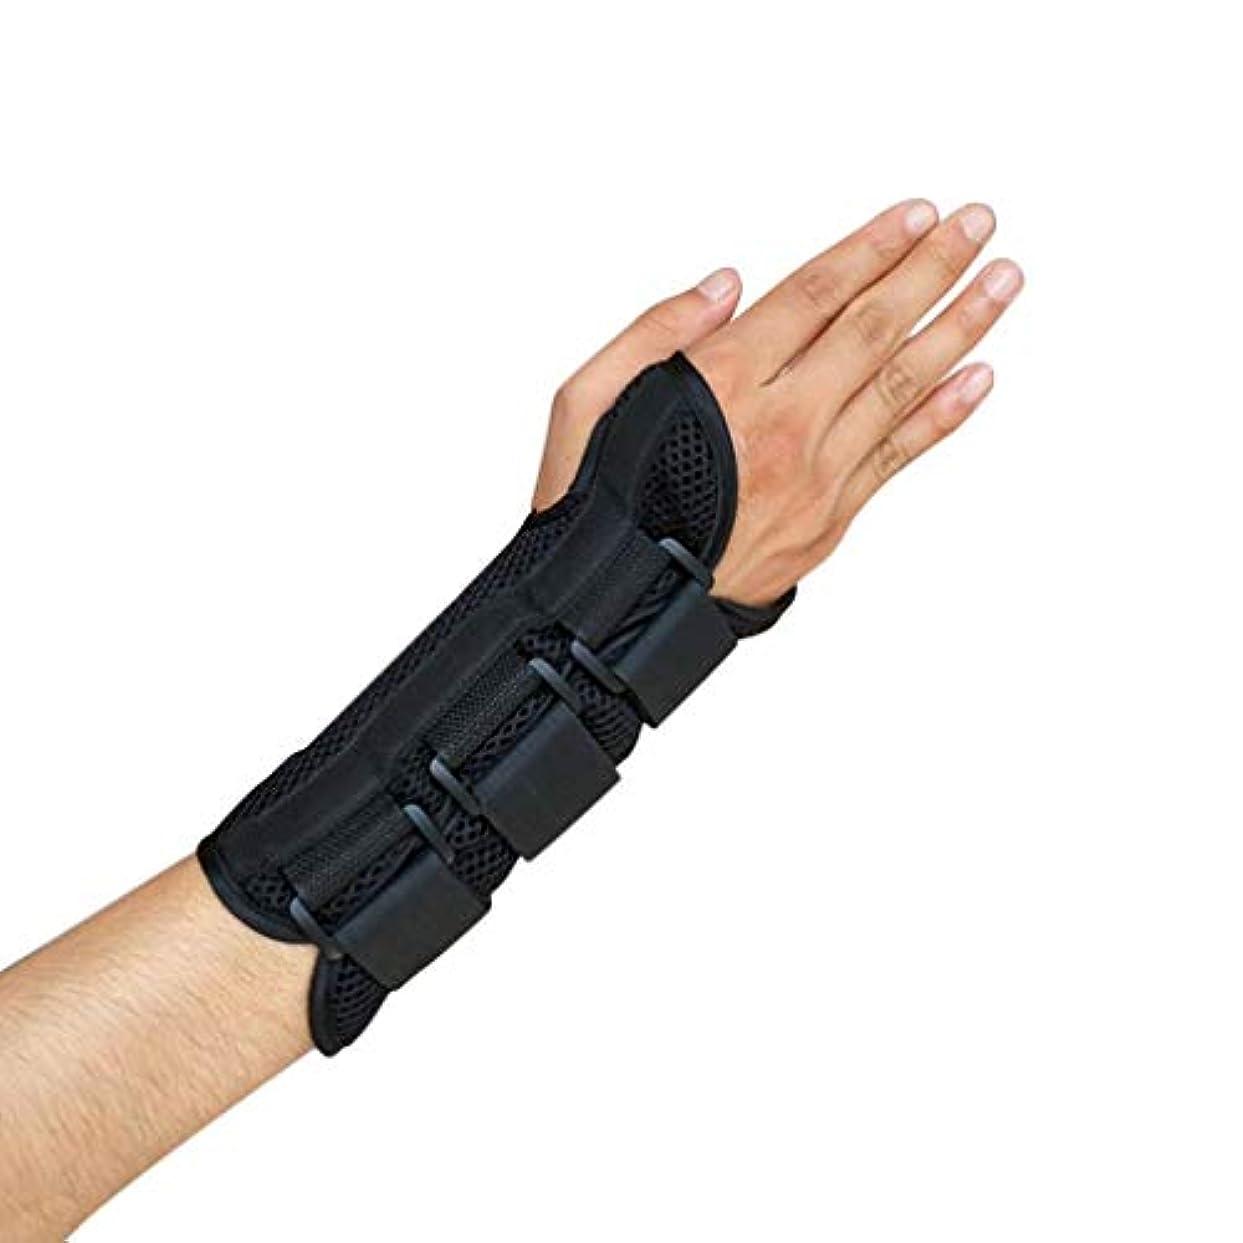 ウナギ空気同化する手根管手首ブレースサポート捻Sp前腕スプリントバンドストラップ保護-innovationo